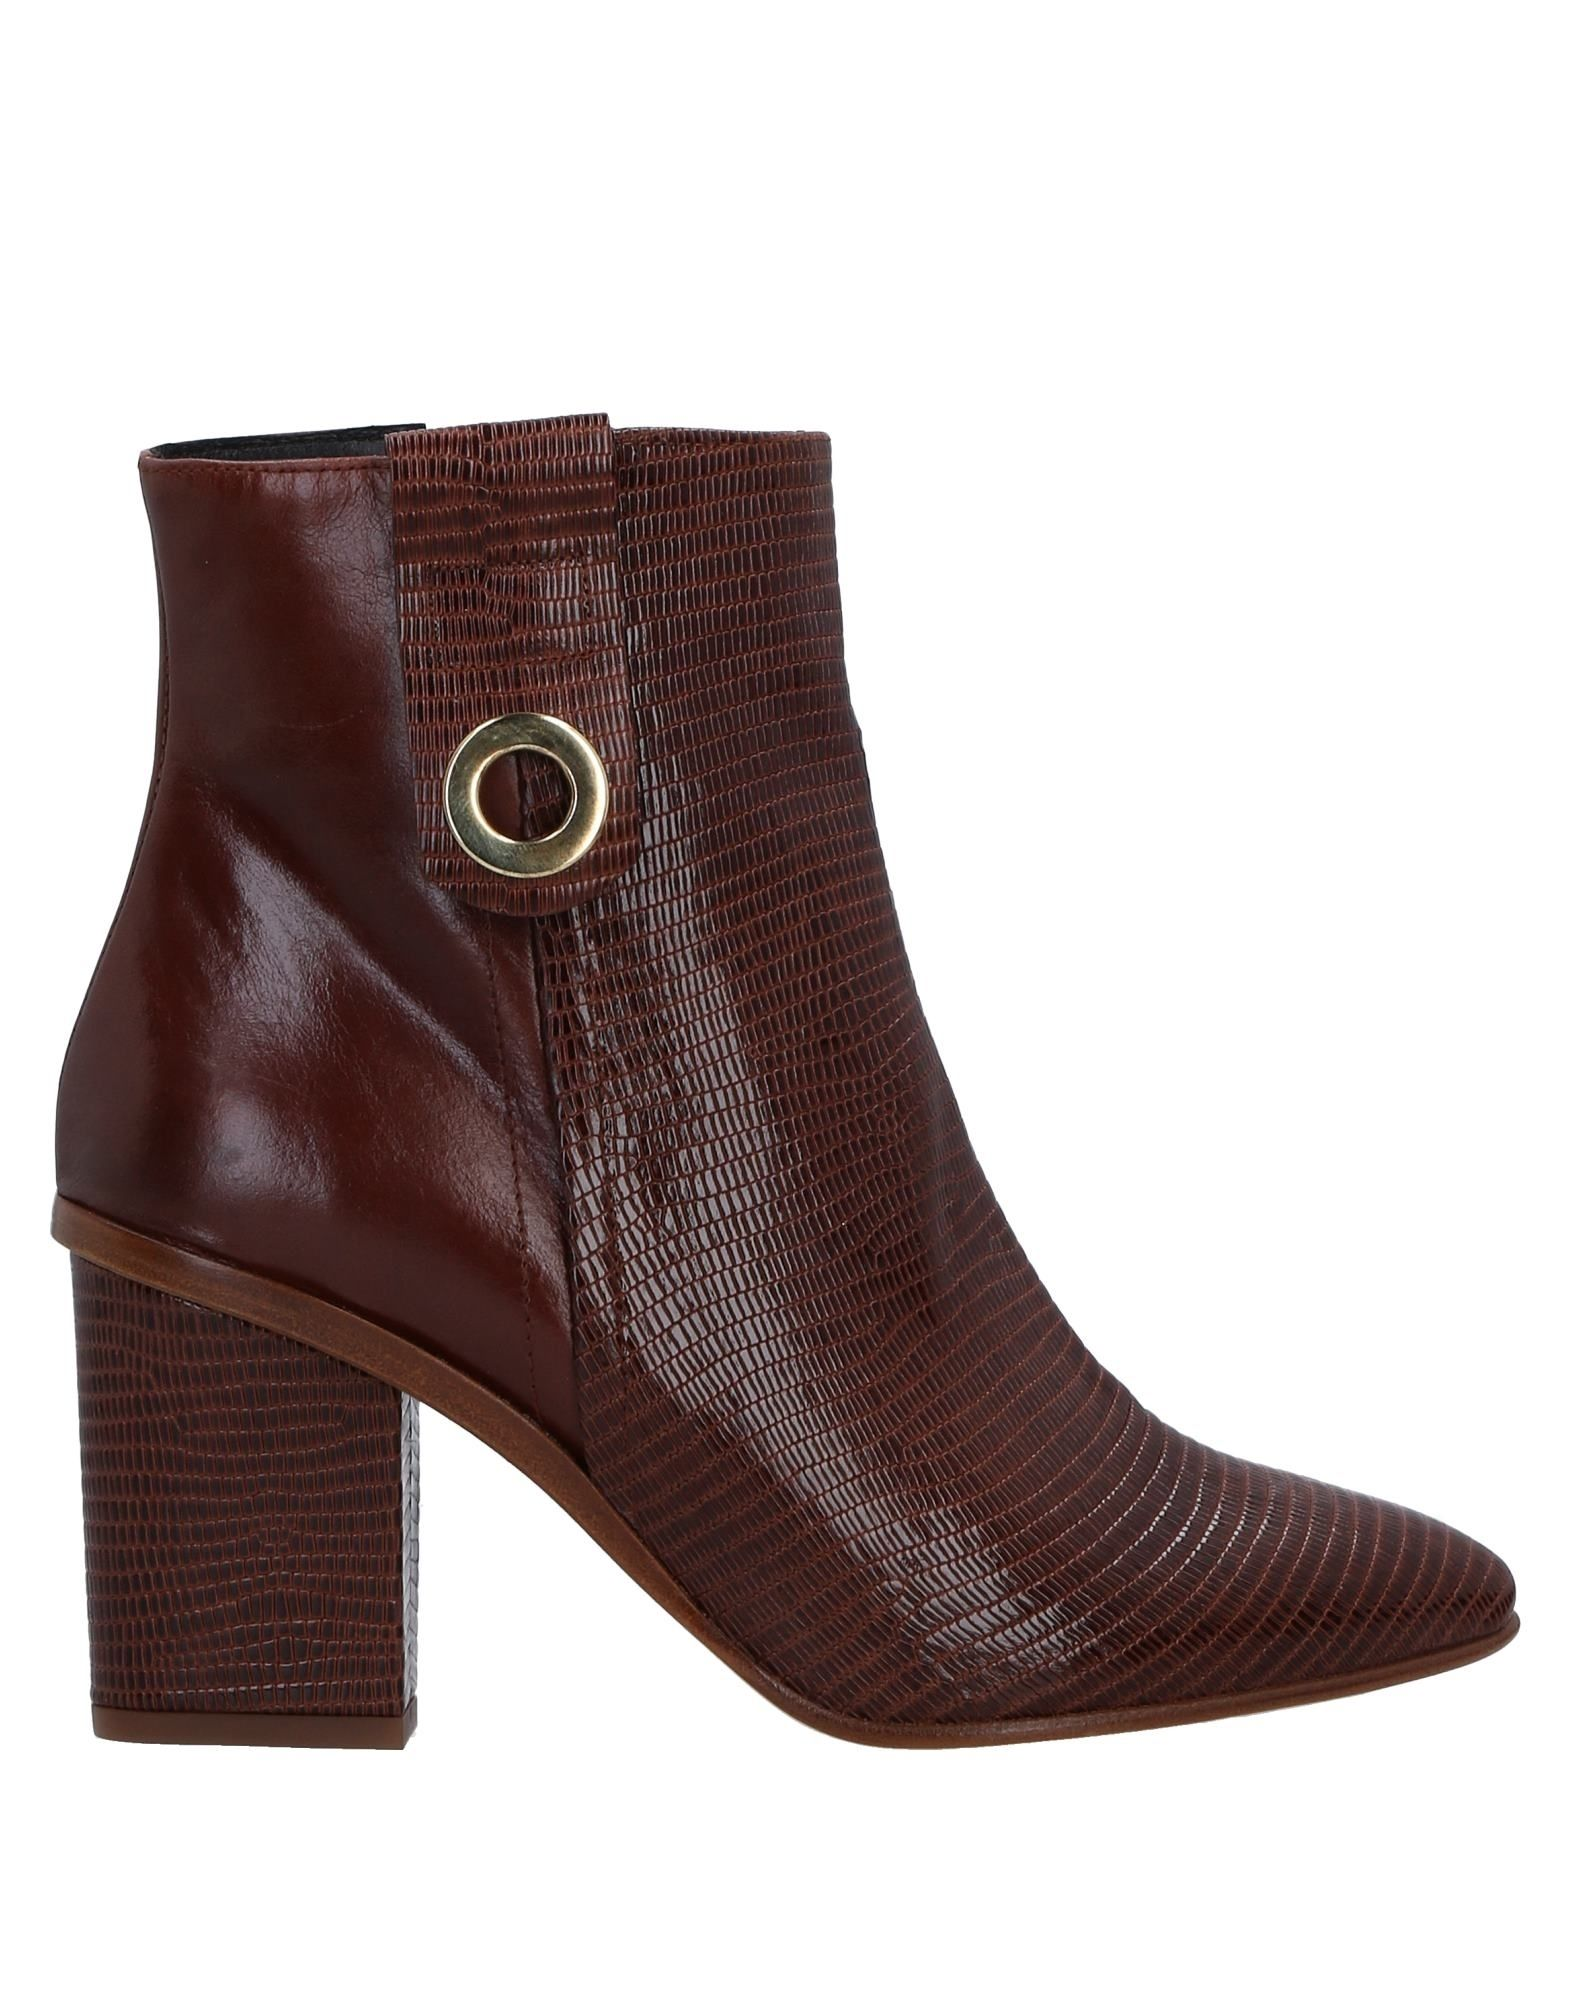 Zinda Stiefelette Damen  11542788CVGut aussehende strapazierfähige Schuhe